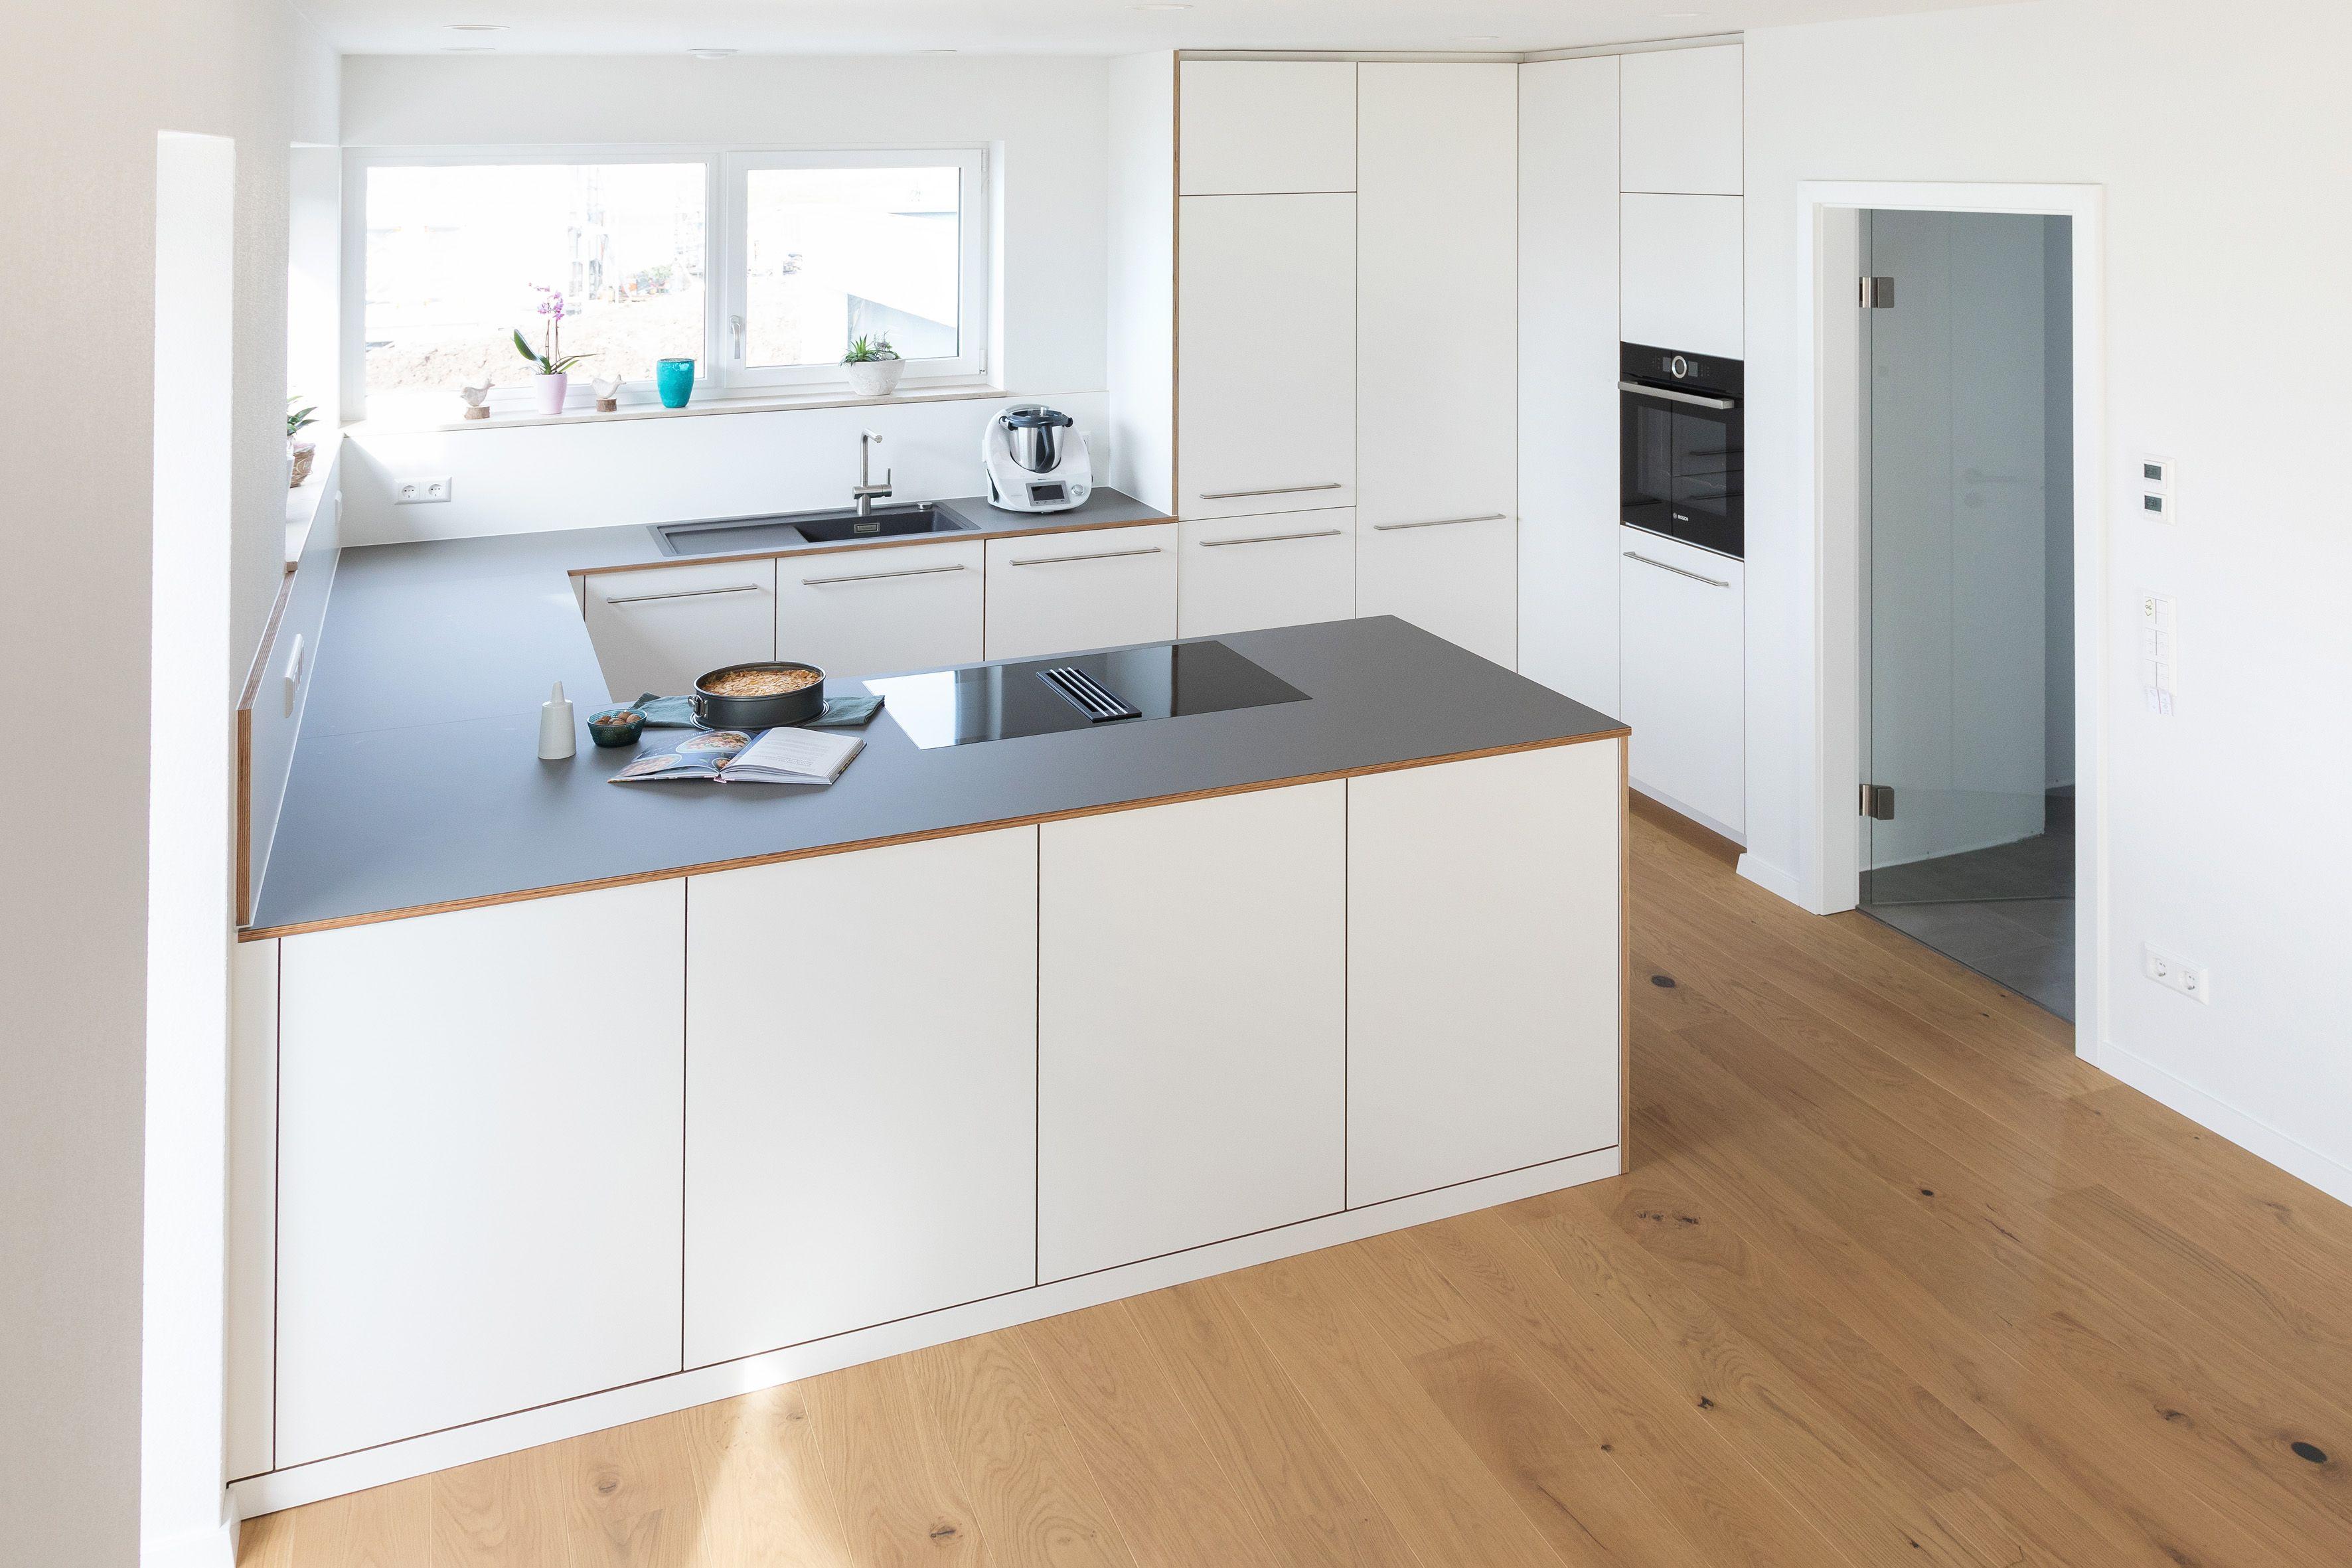 Haus-Bild von Lena Reidenbach in 15  Moderne küche, Wohnzimmer